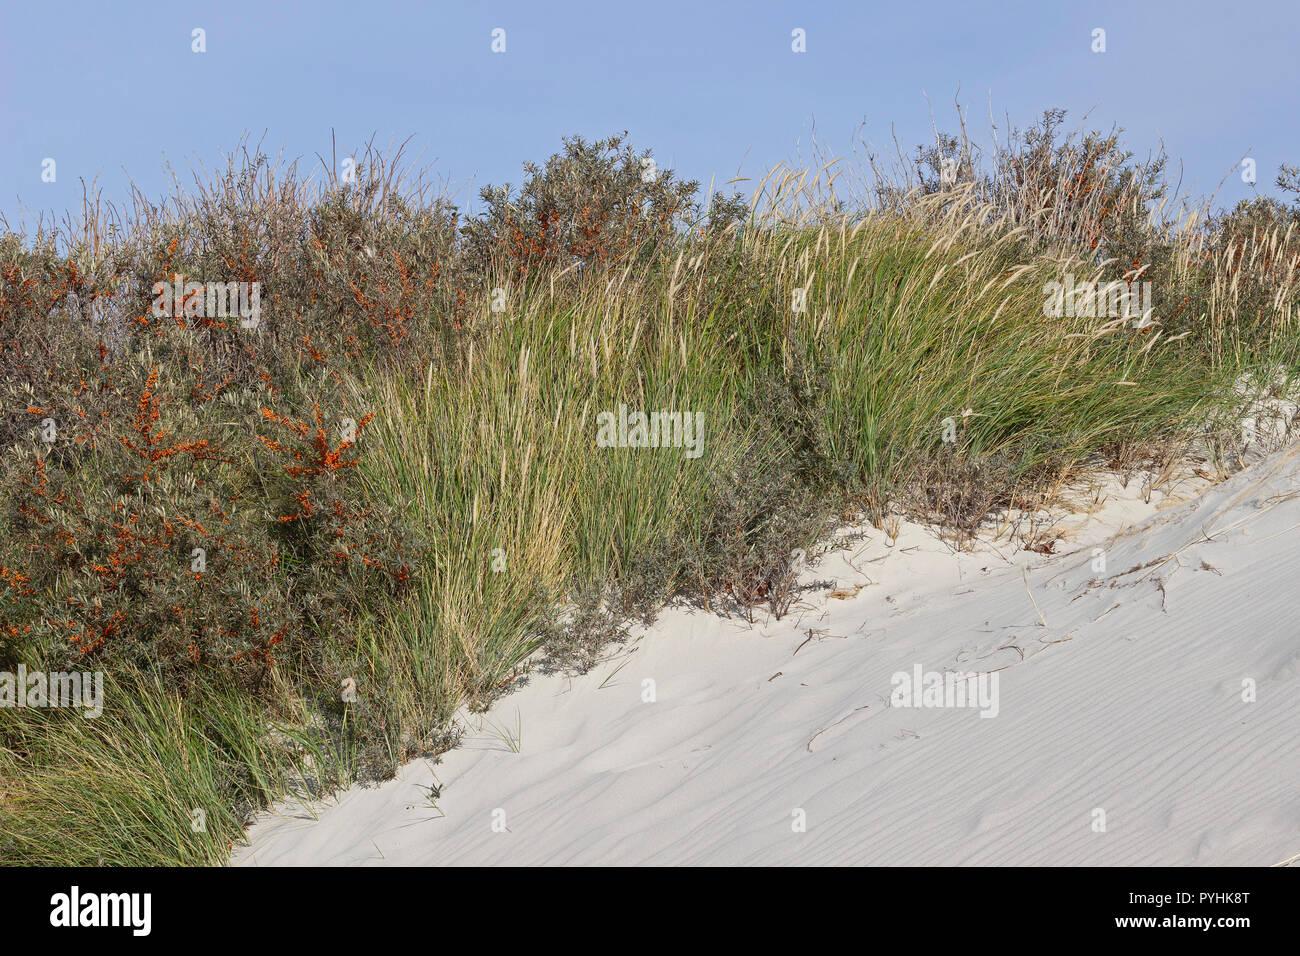 dunes on the Duene (Dune), Heligoland, Schleswig-Holstein, Germany - Stock Image